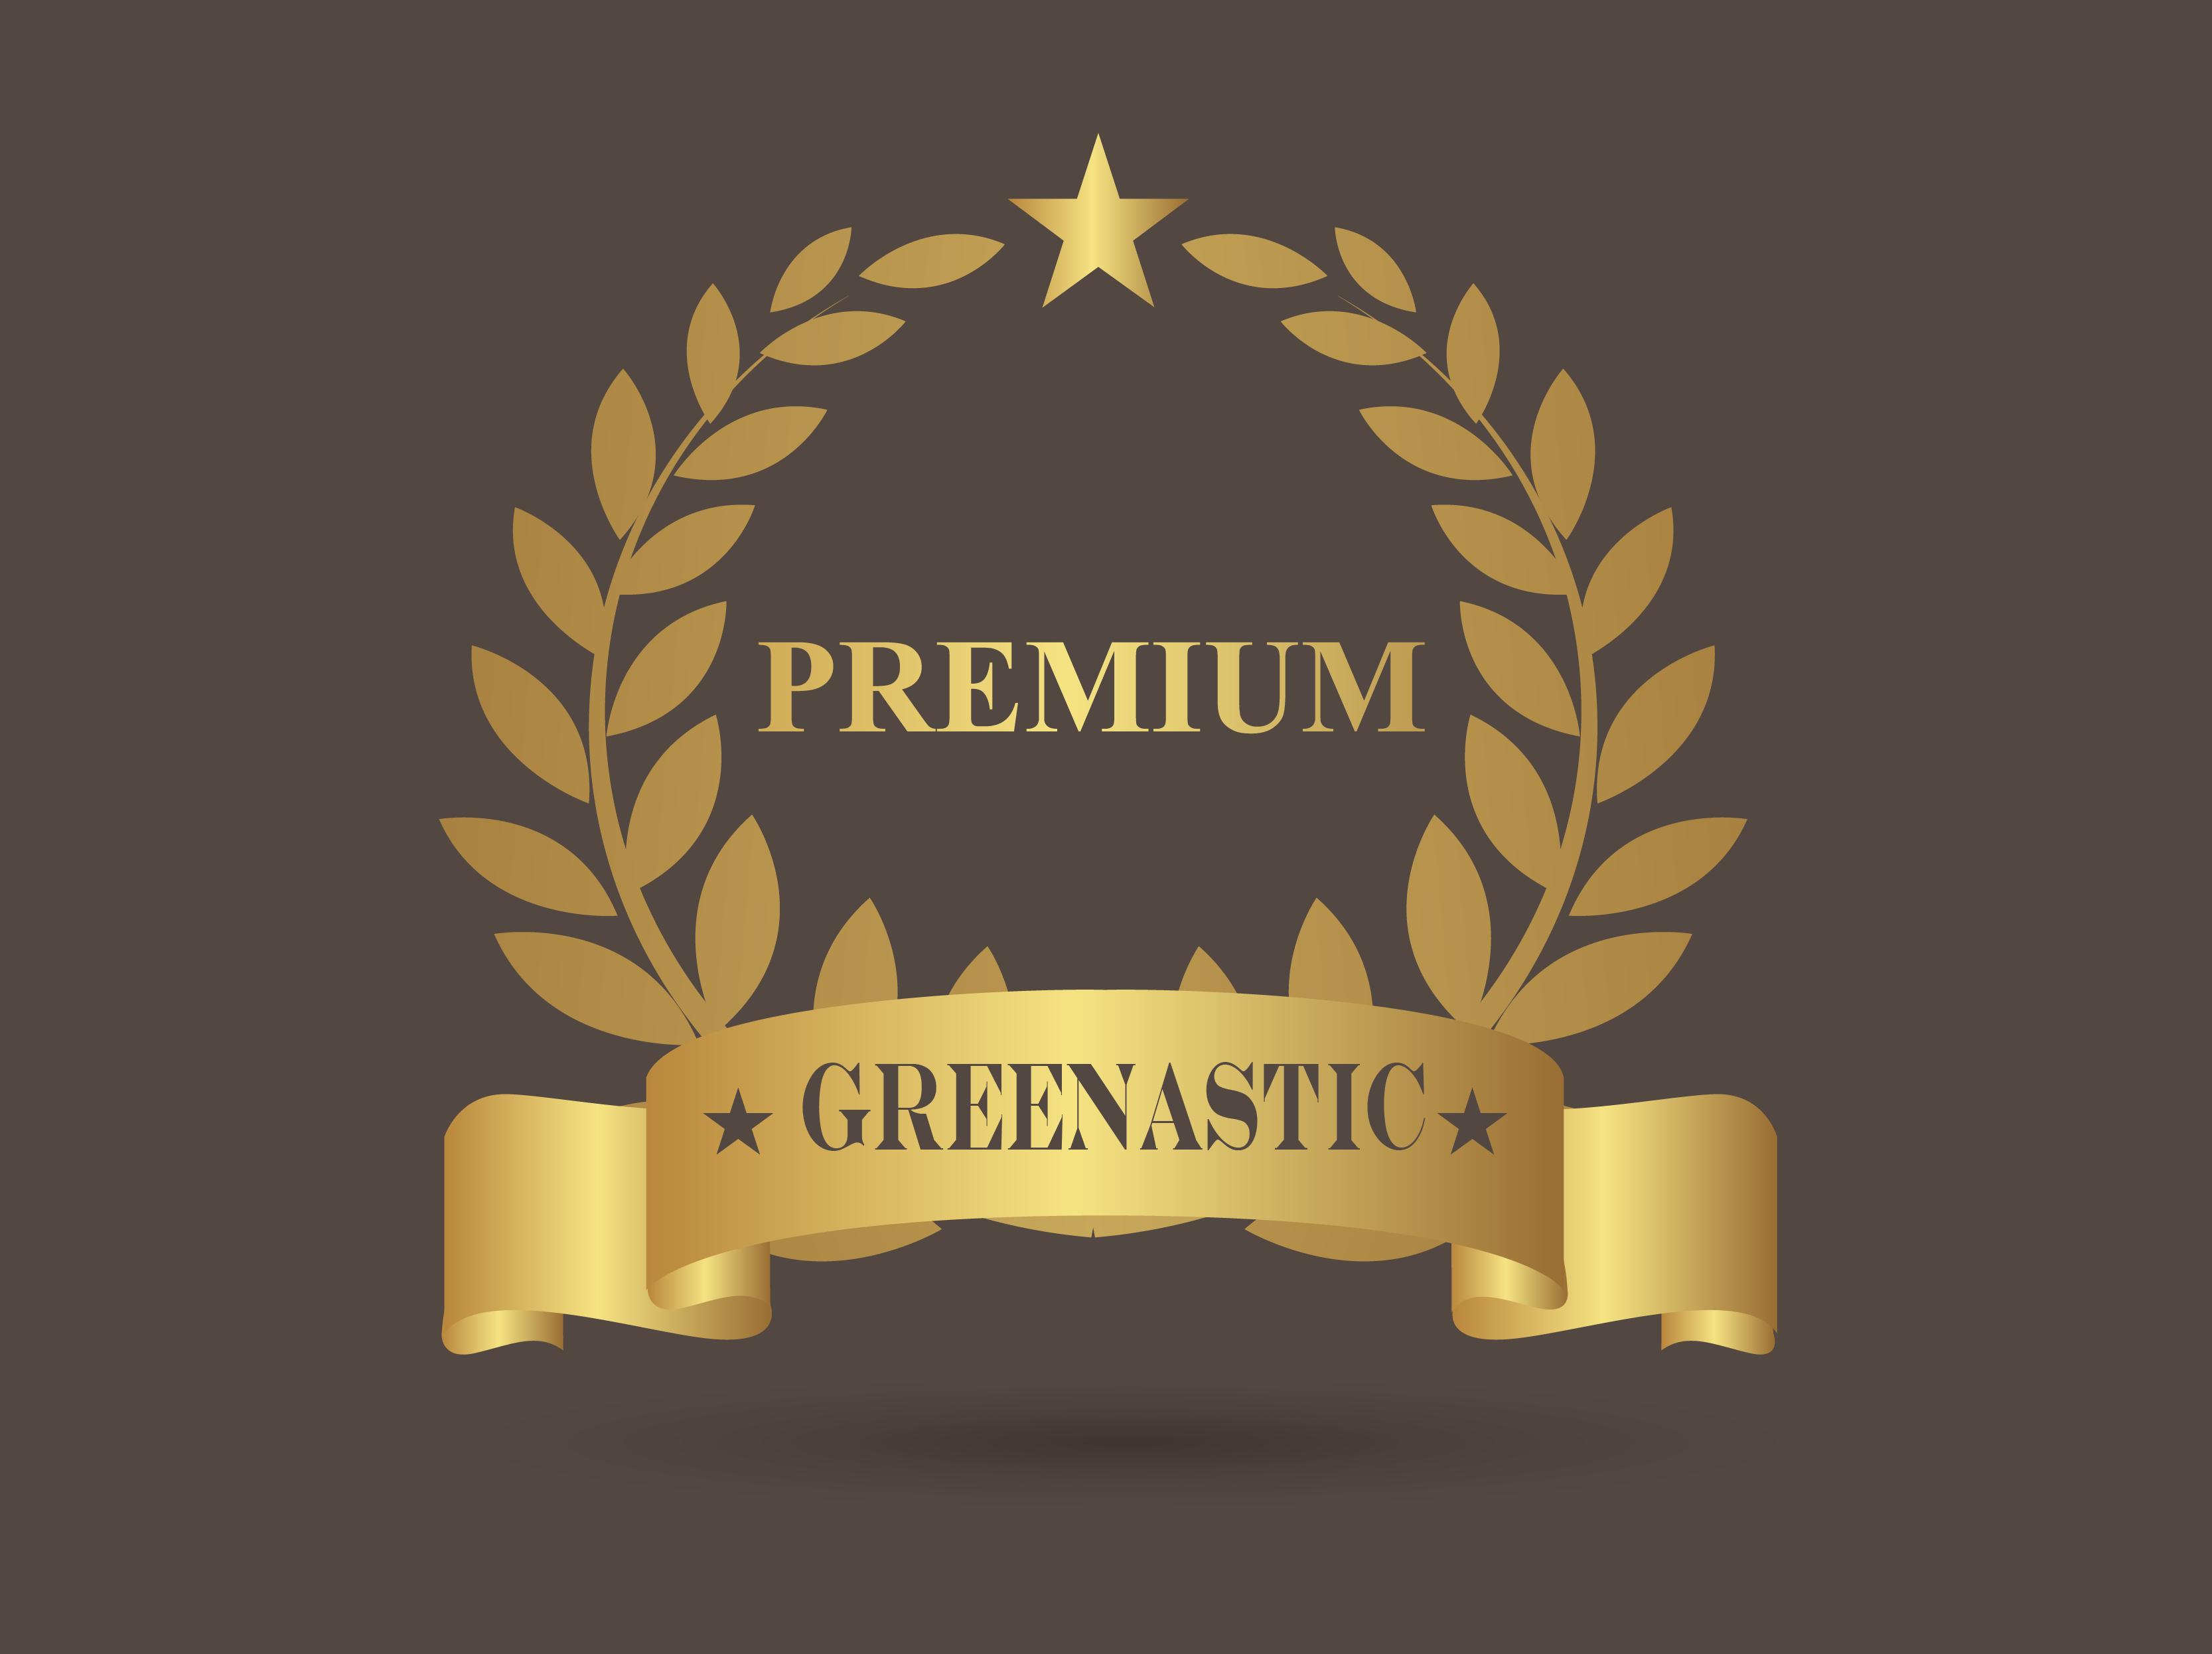 Premium_Greenastic-1448536825.png